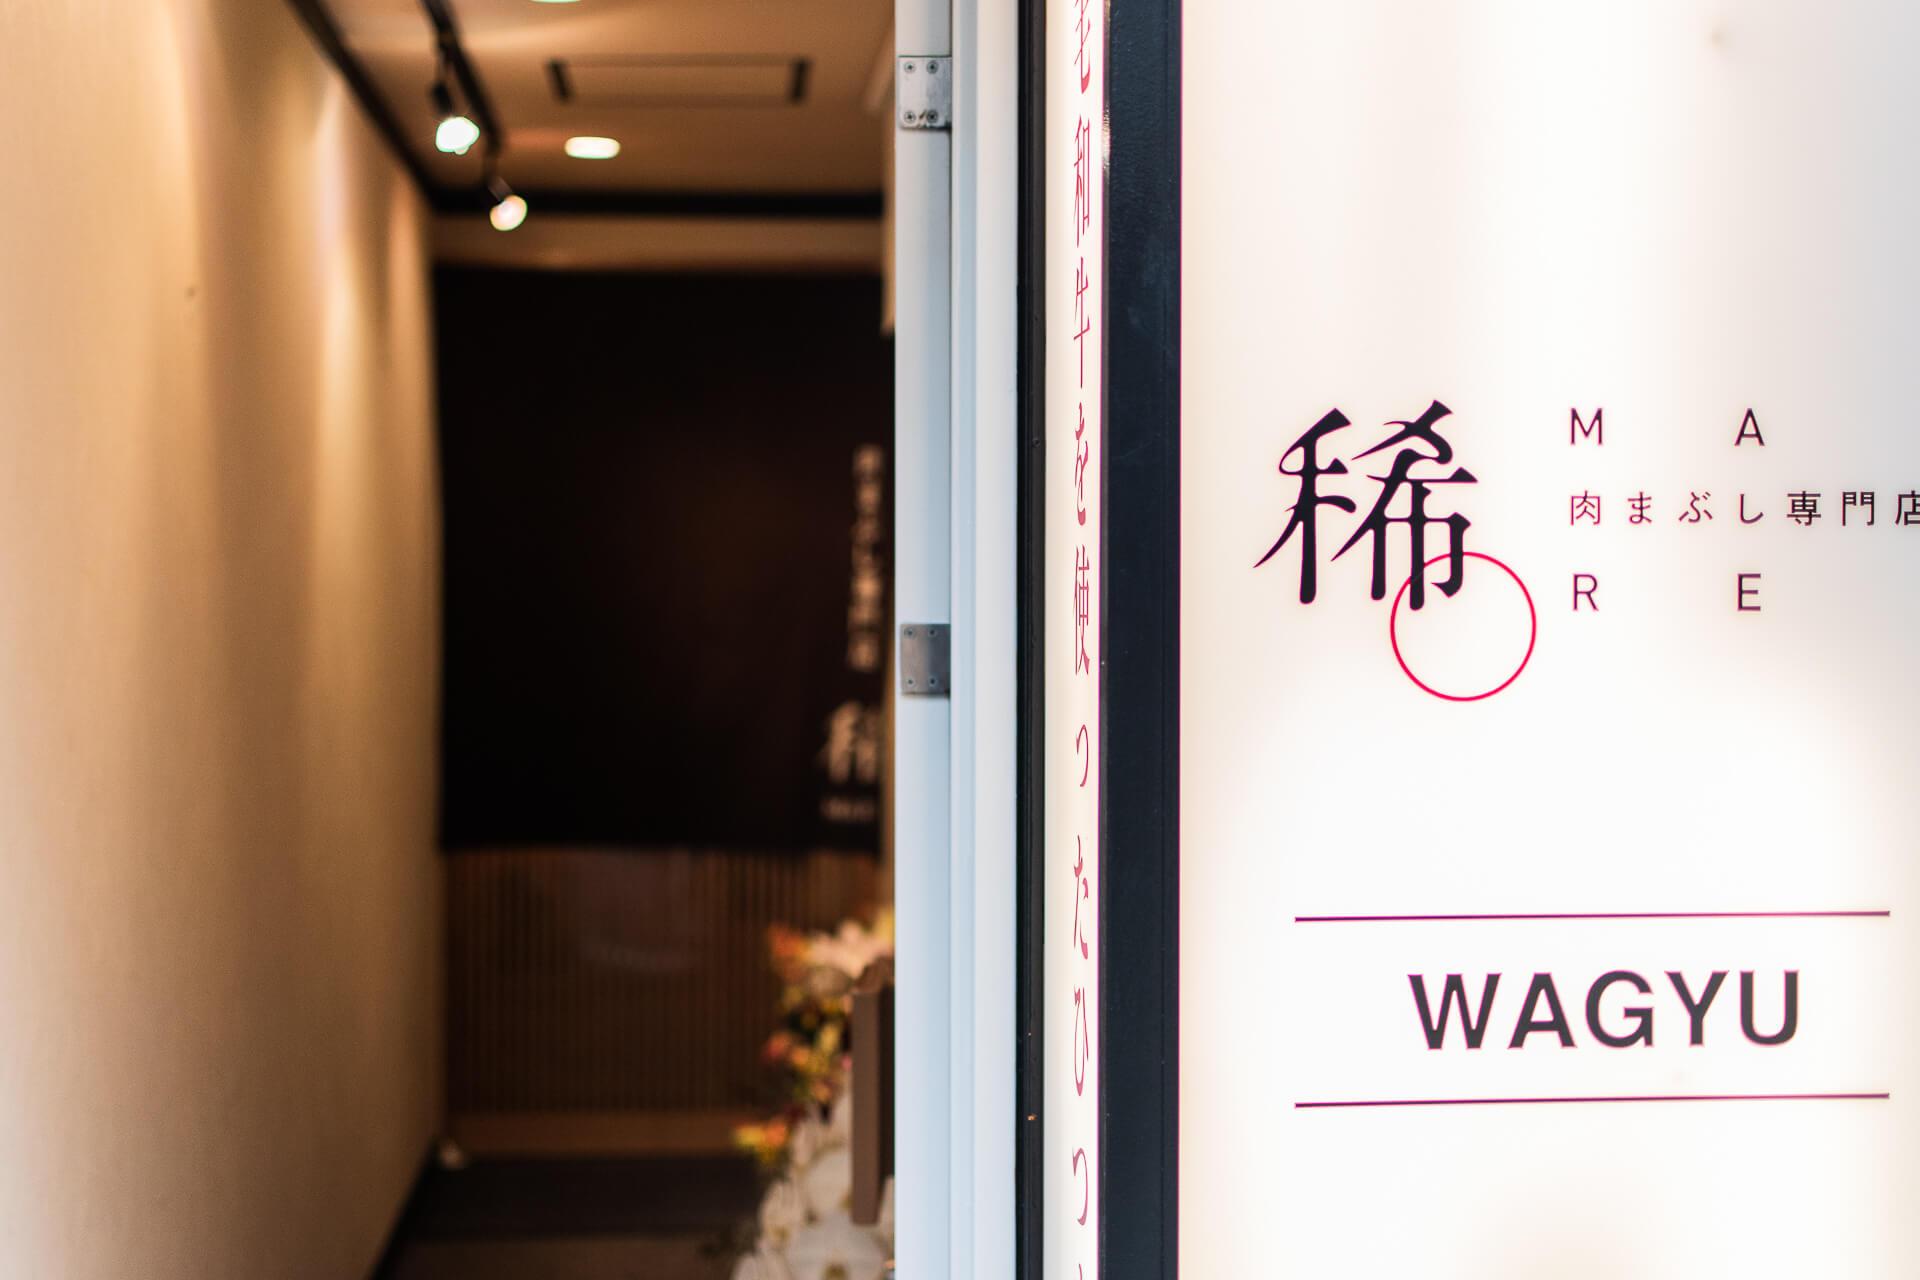 京都 祇園 肉まぶし専門店『稀』 看板